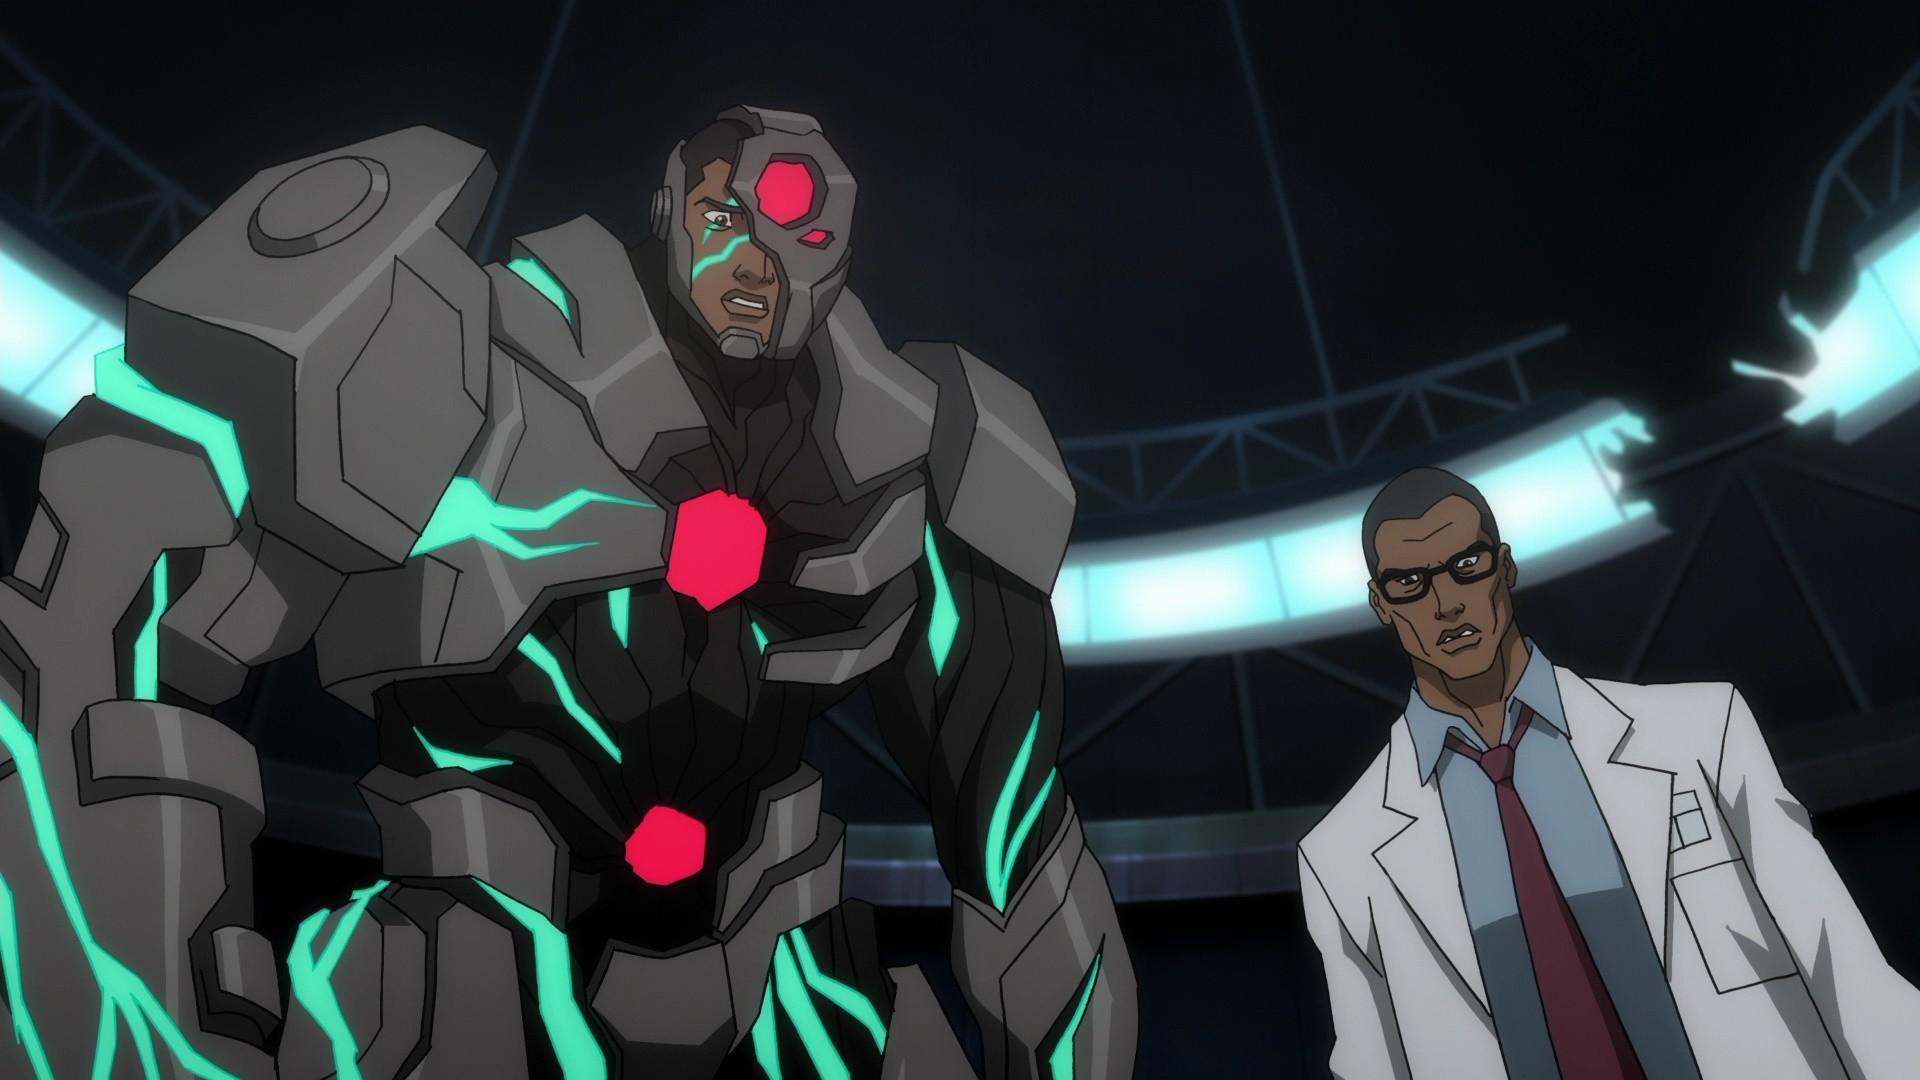 Đố bạn Justice League bản điện ảnh có gì khác với Justice League: War?-5 Đố bạn 'Justice League' bản điện ảnh có gì khác với 'Justice League: War'?